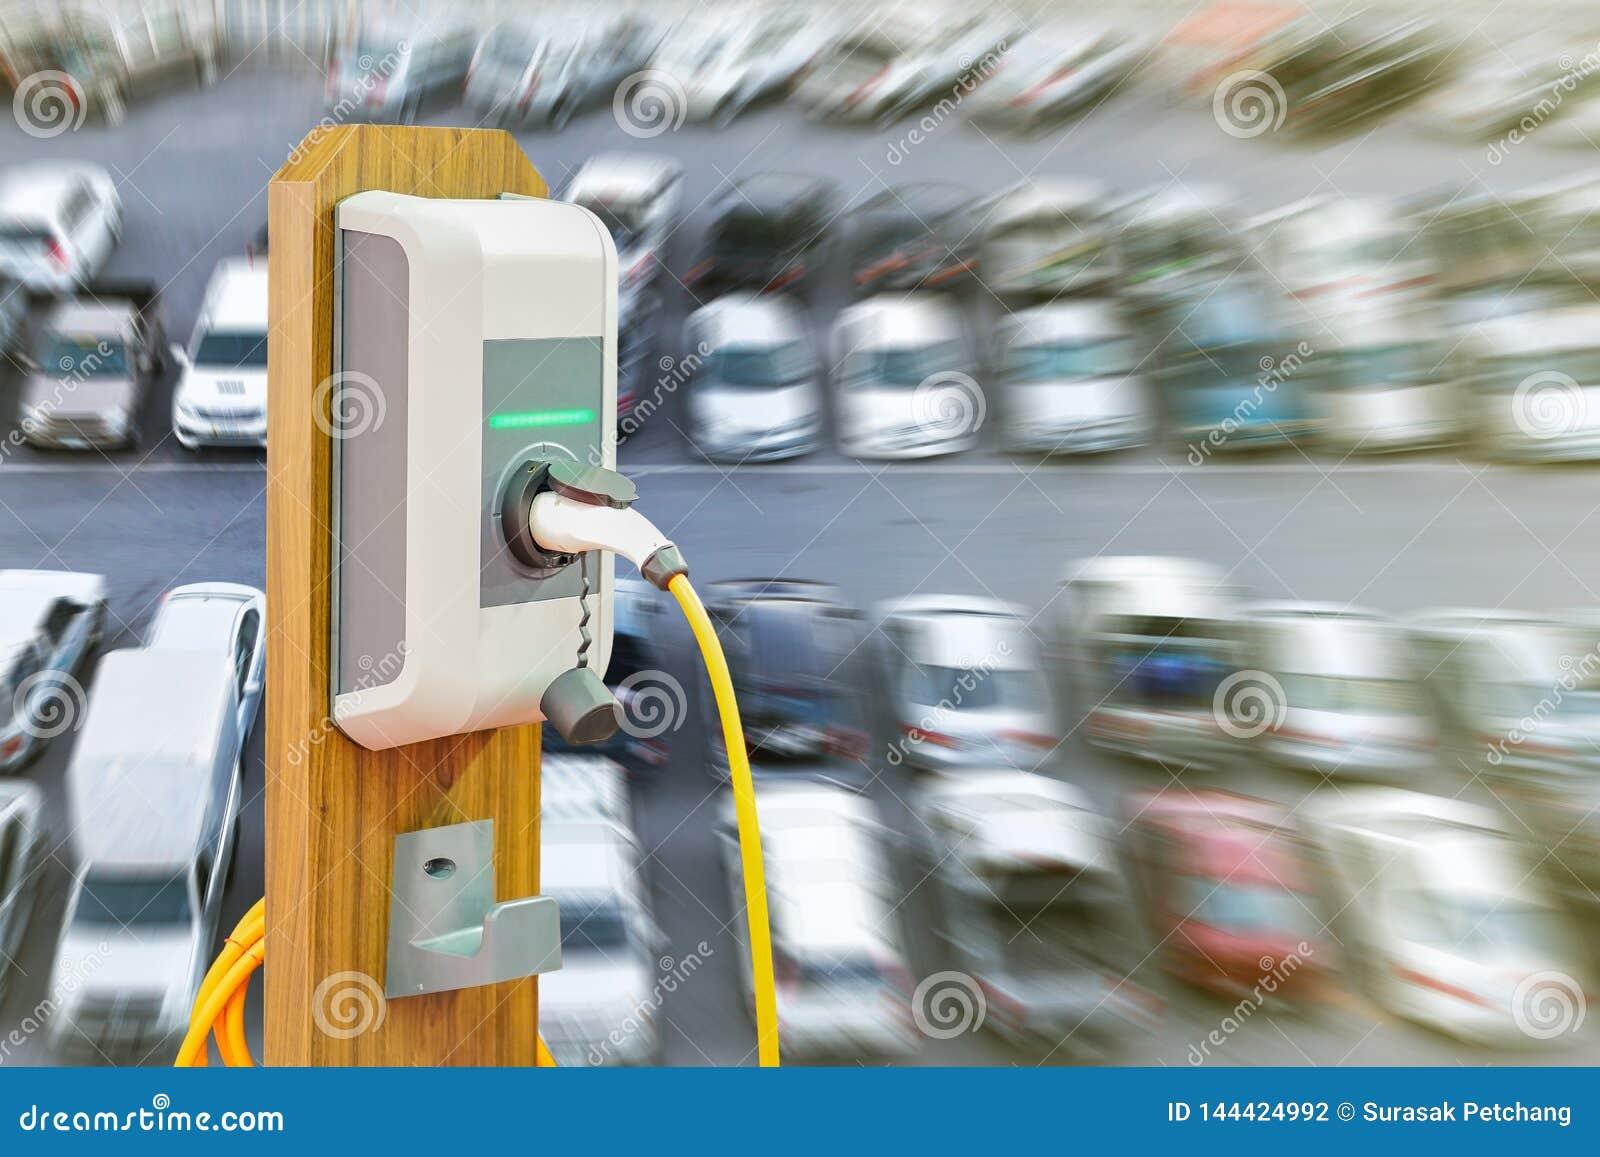 Veículo elétrico que carrega a estação de Ev com a tomada da fonte do cabo distribuidor de corrente para o carro de Ev em muitos